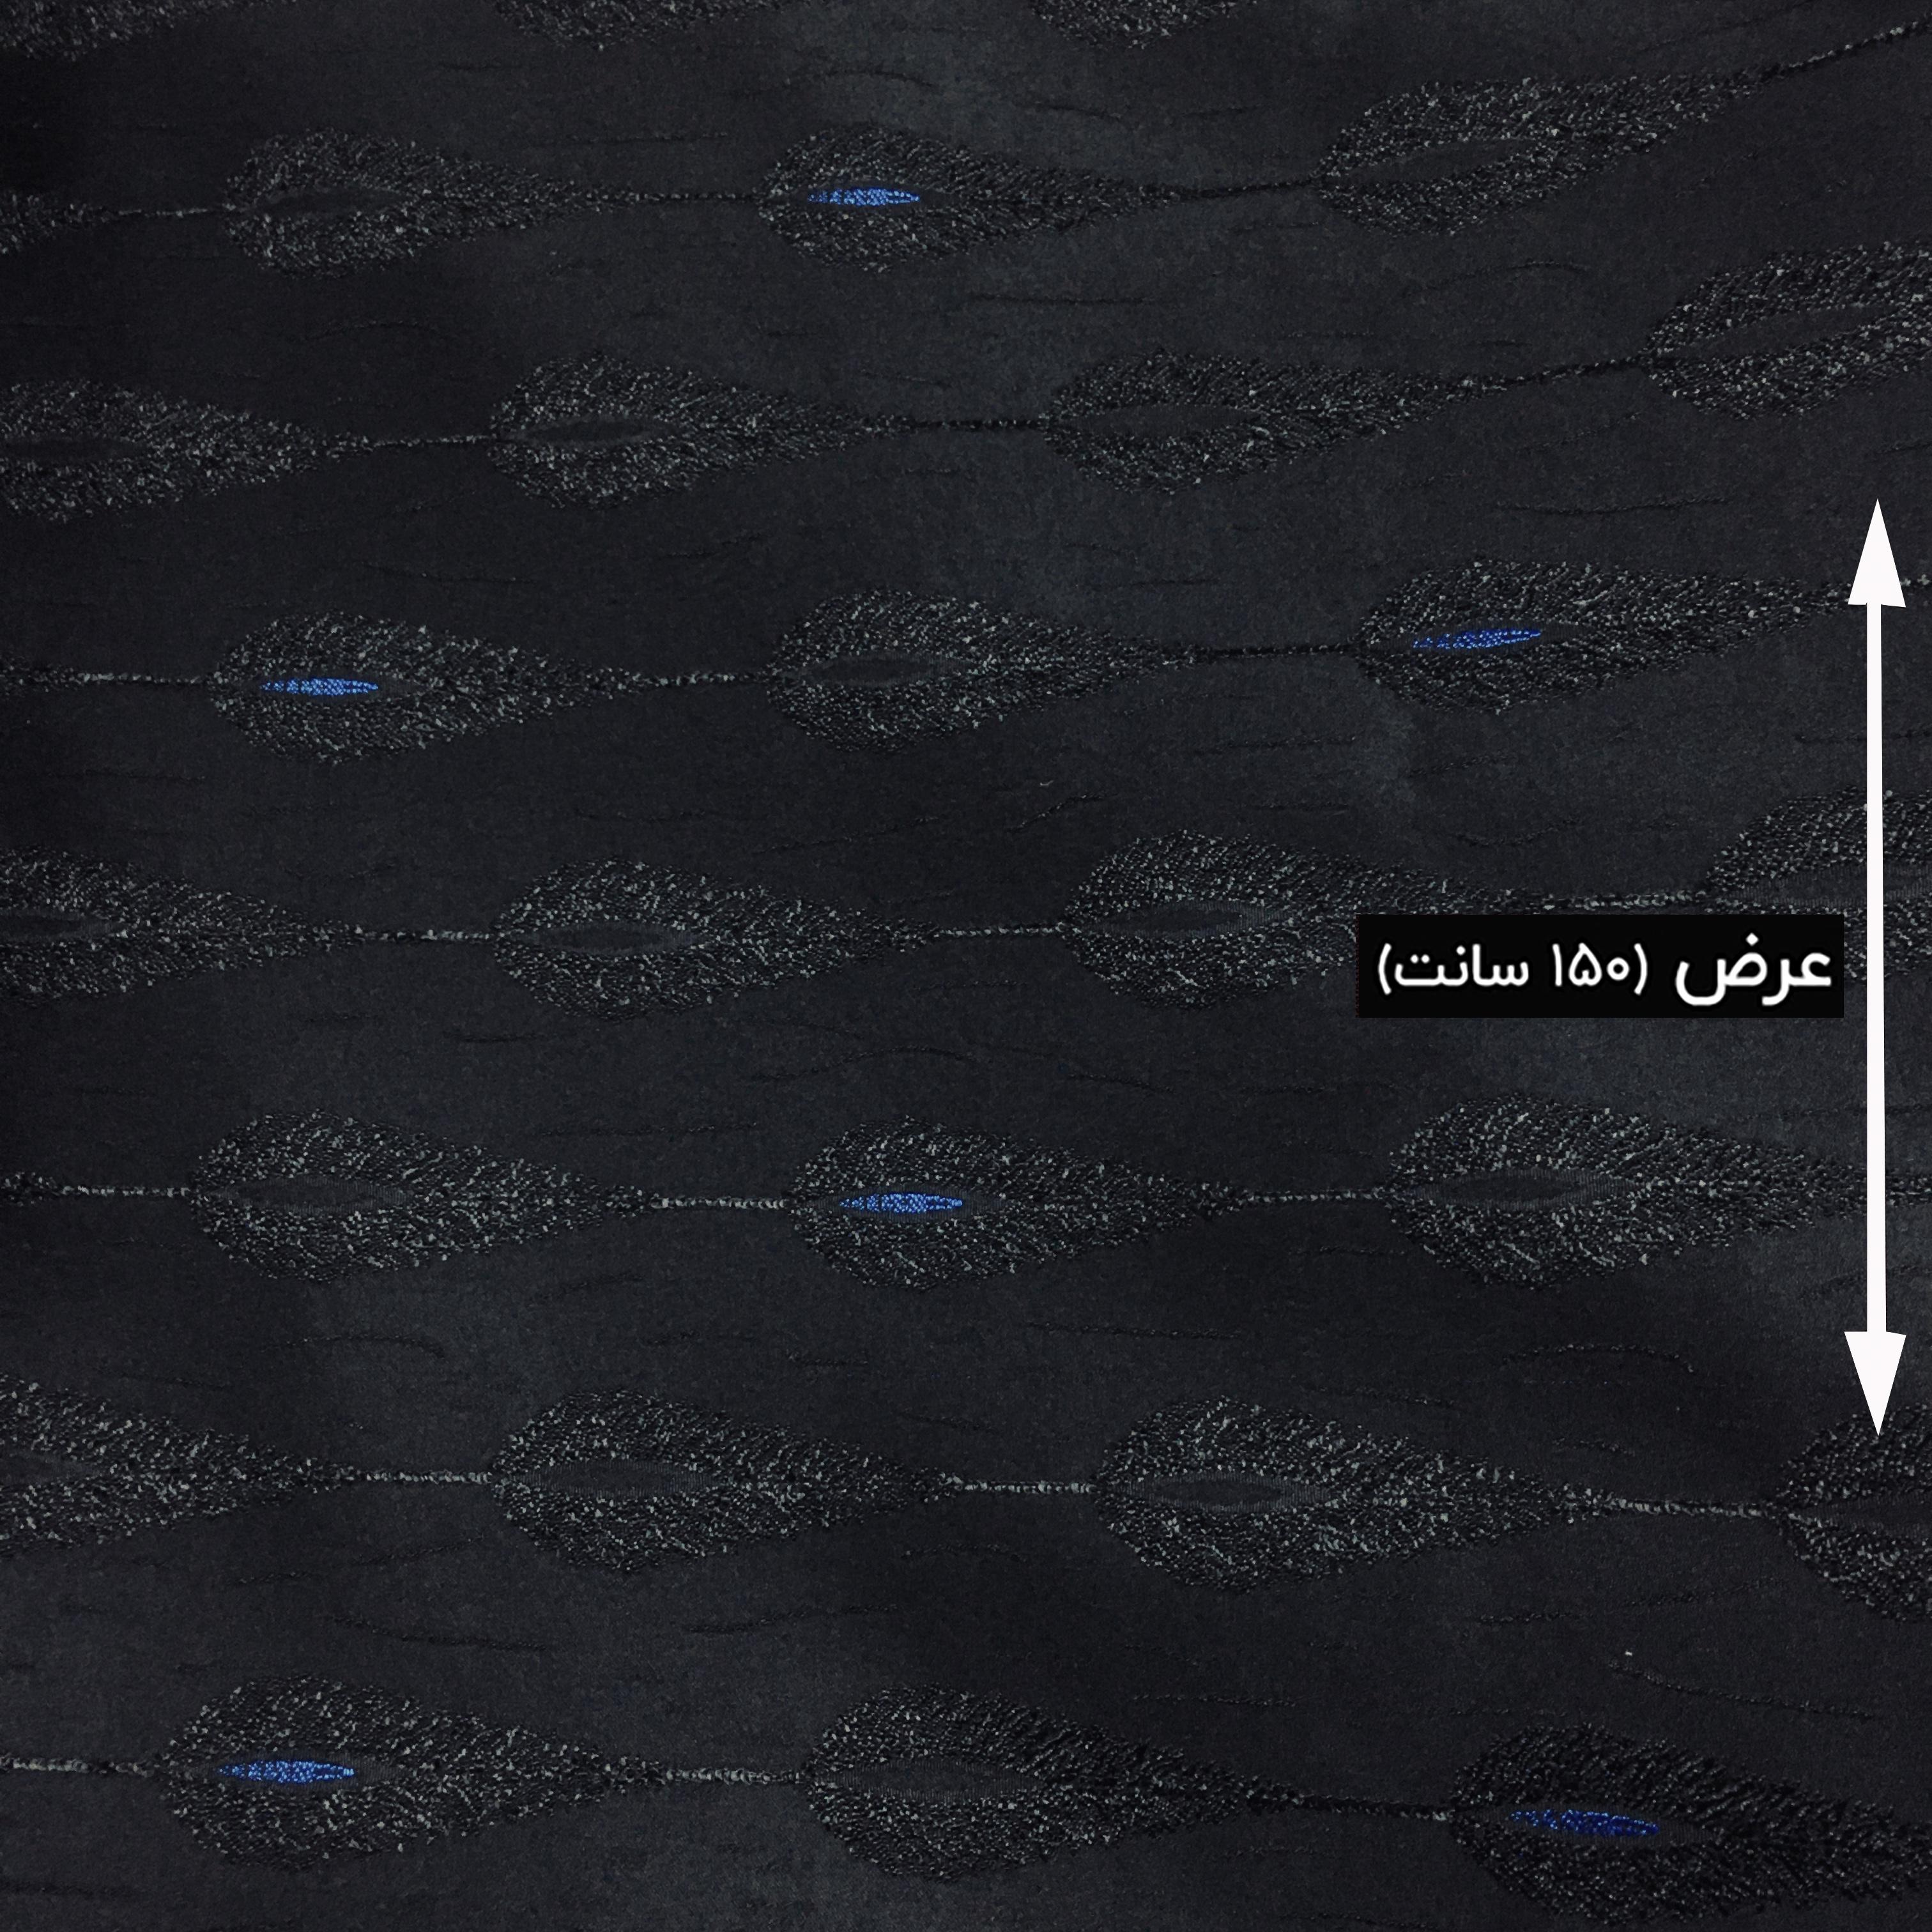 پارچه ژاکارد ویسکوز پردیس رنگ آبی